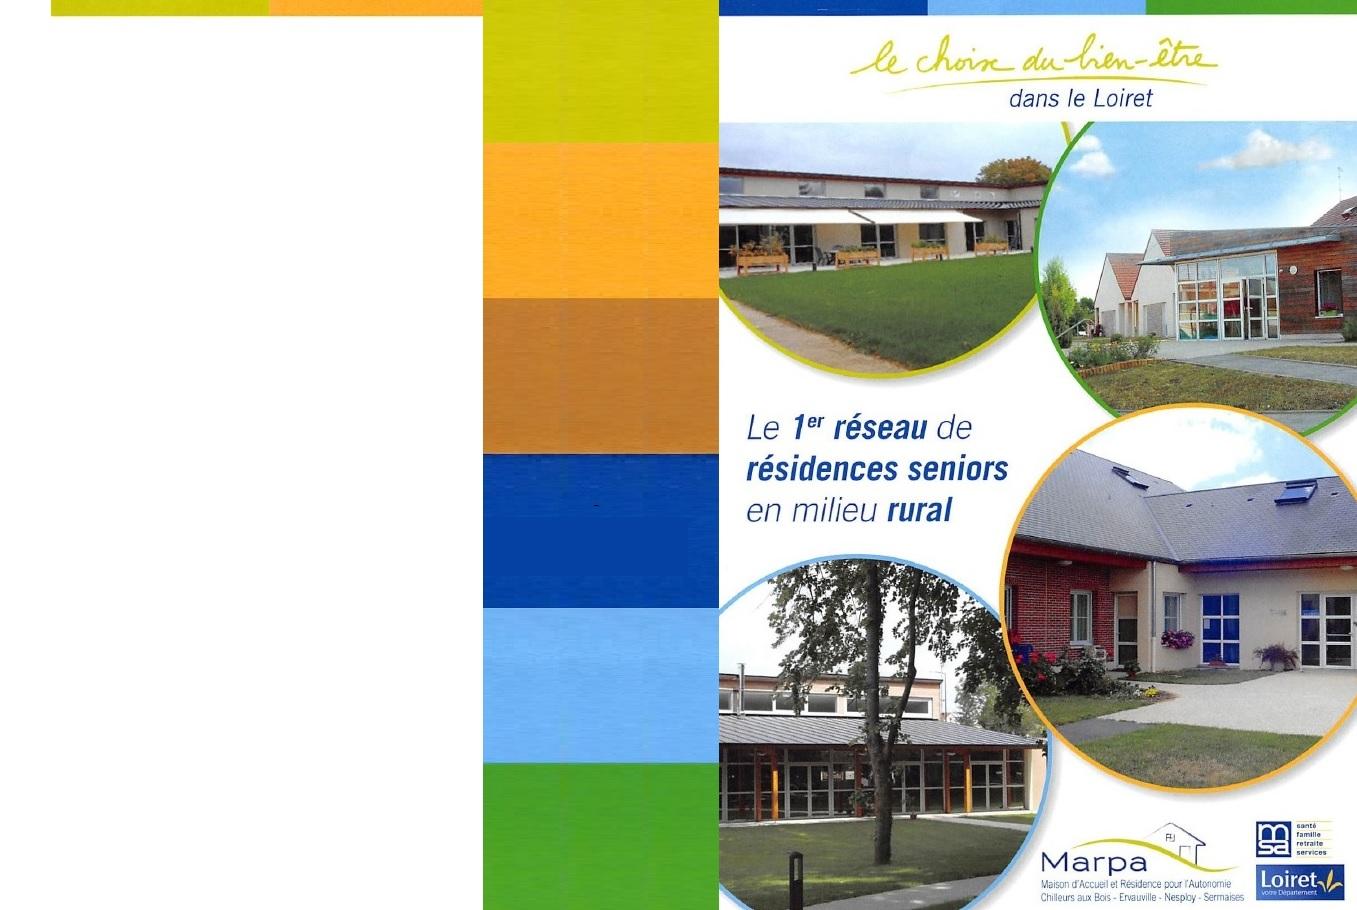 MARPA – Le choix du bien-être dans le Loiret